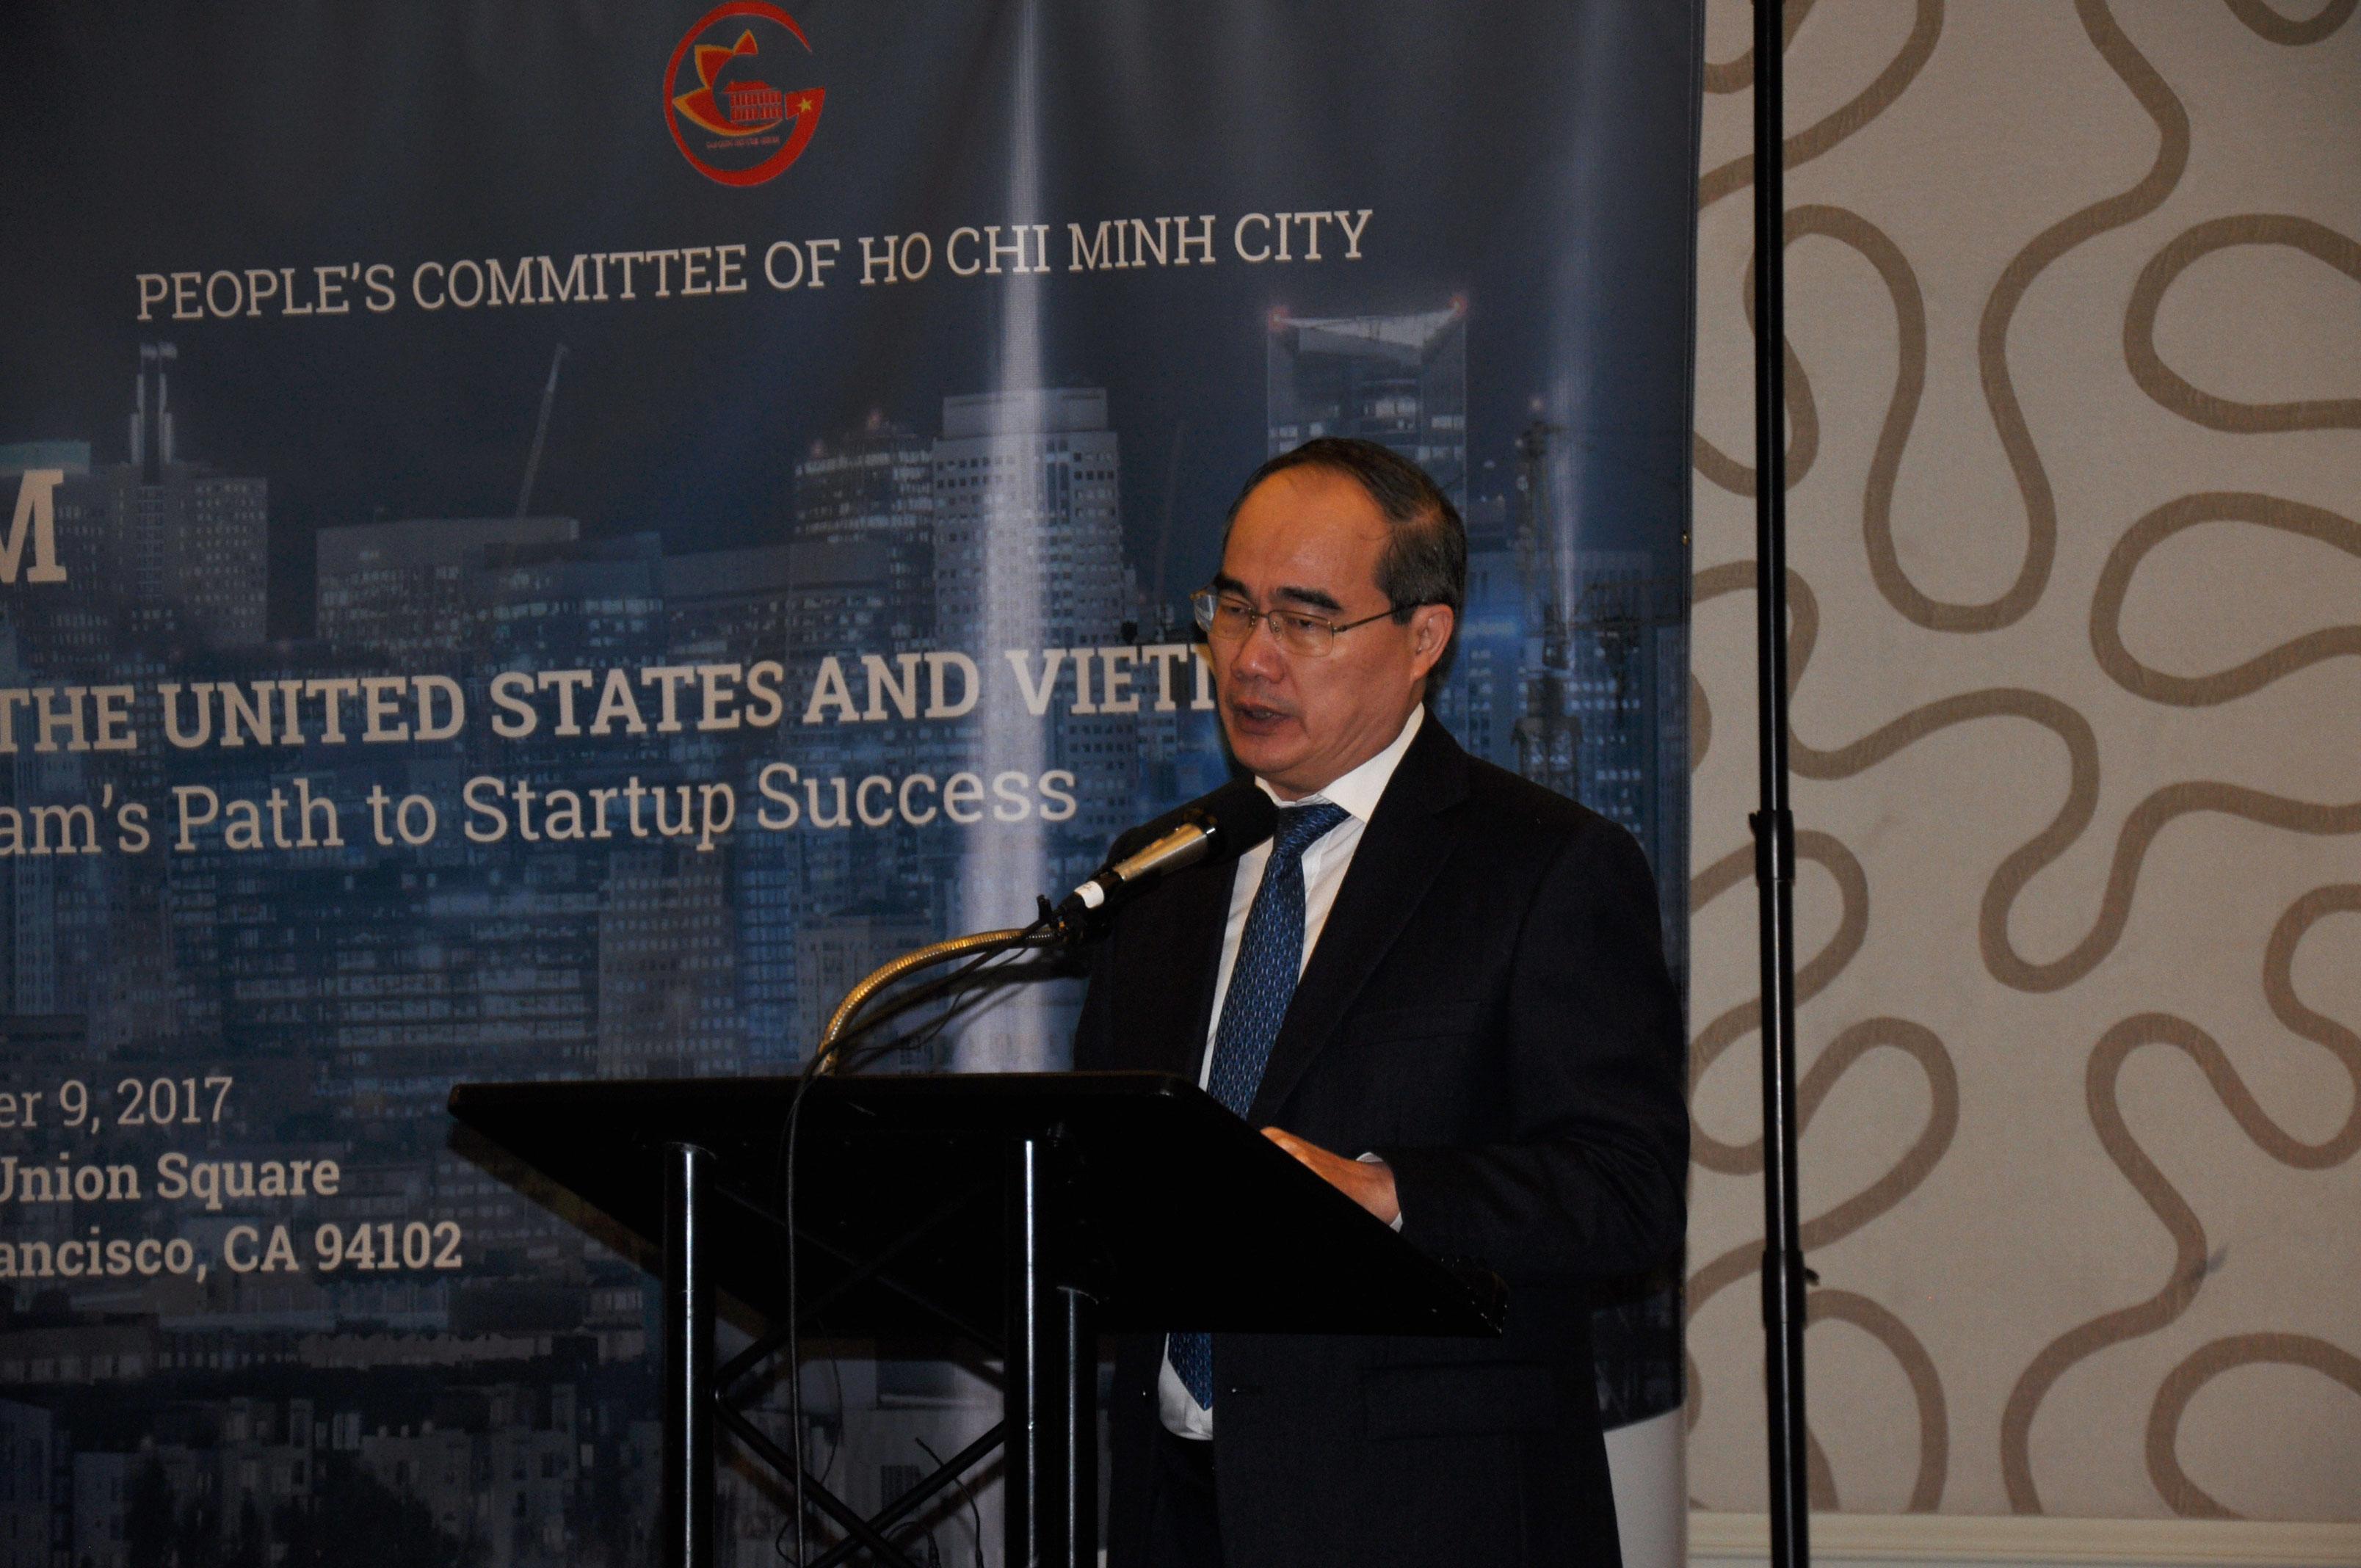 Diễn đàn kết nối các doanh nghiệp khởi nghiệp sáng tạo của người Việt tại Hoa Kỳ và Việt Nam